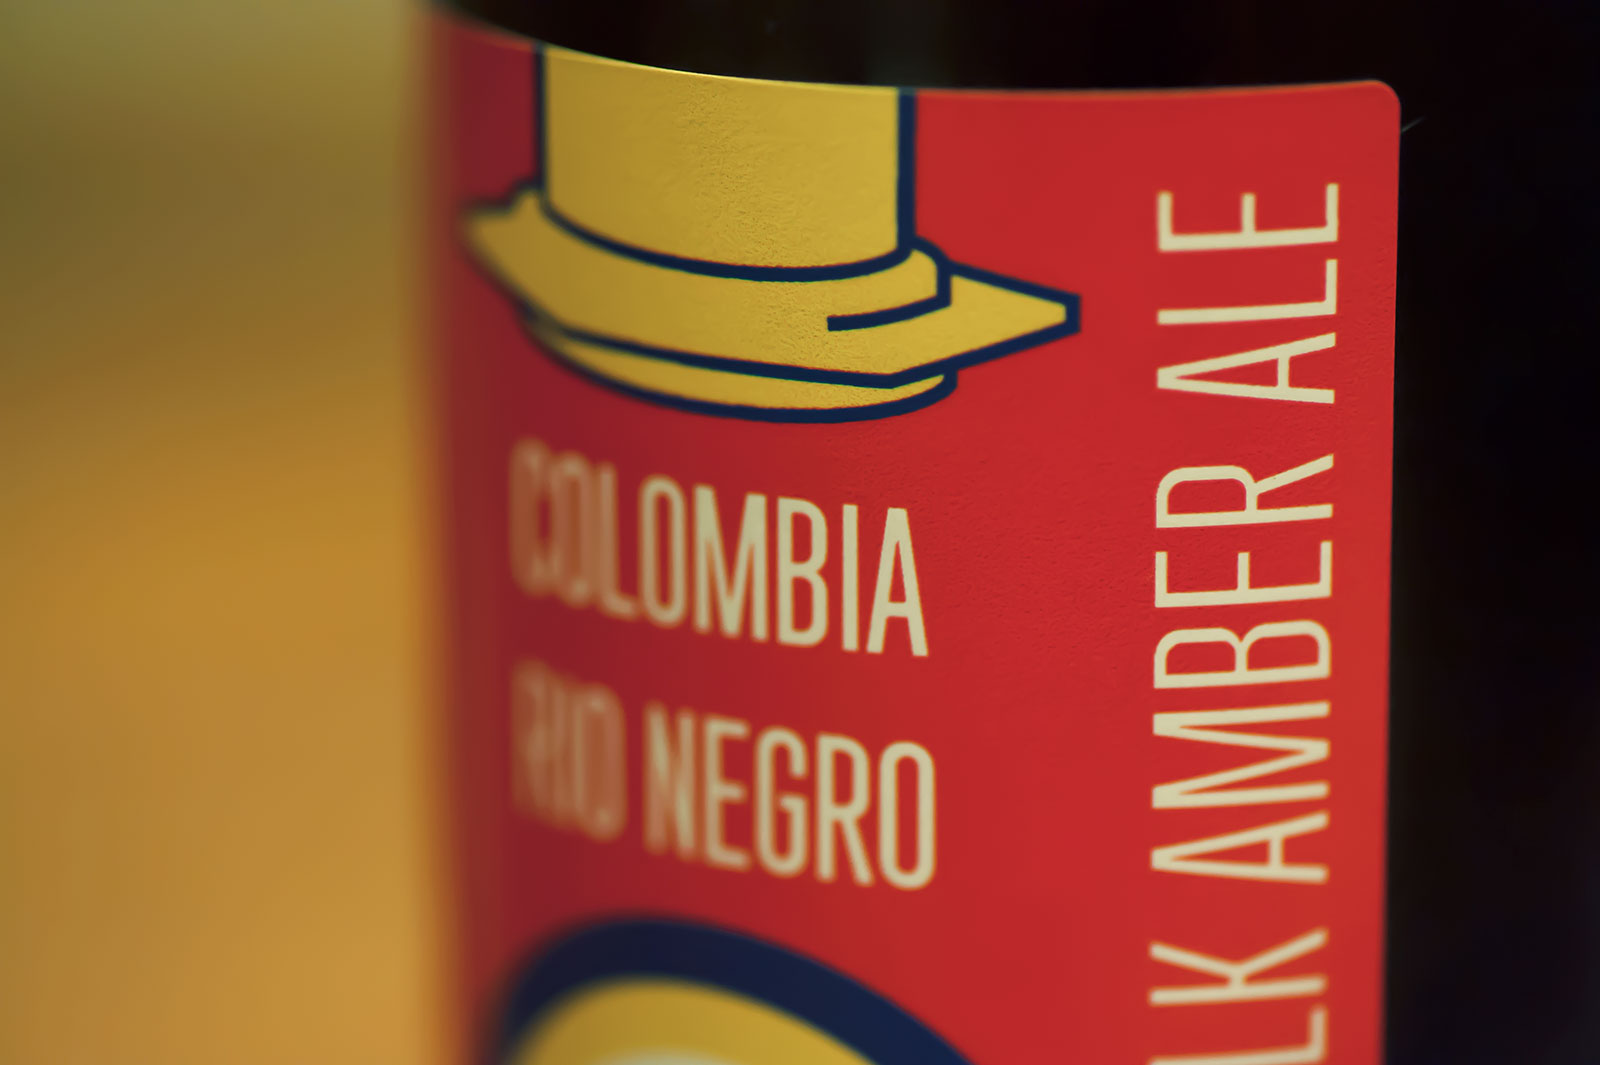 Colombia Rio Negro - piwo polskie